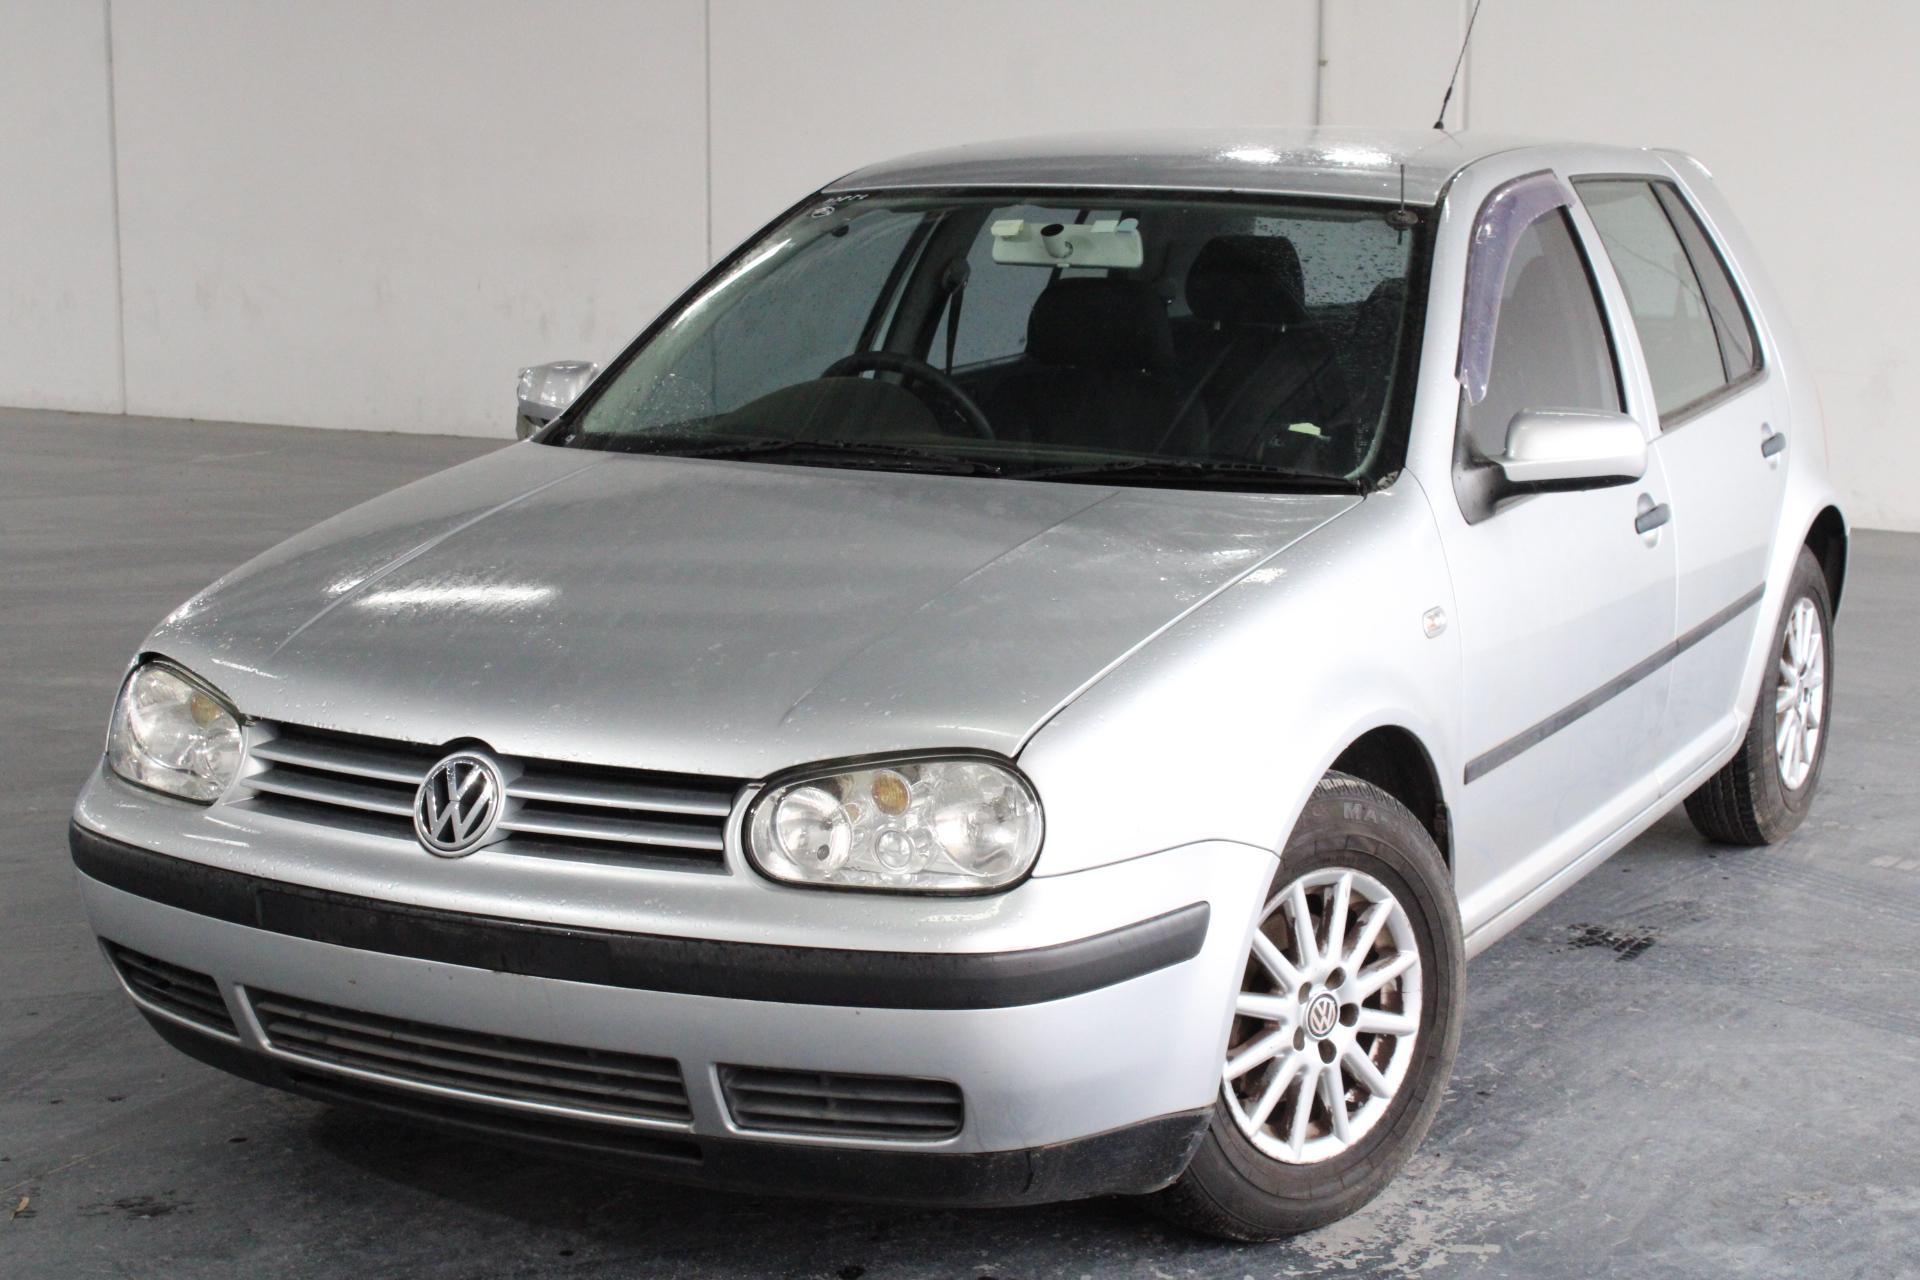 2001 Volkswagen Golf GL A4 Manual Hatchback